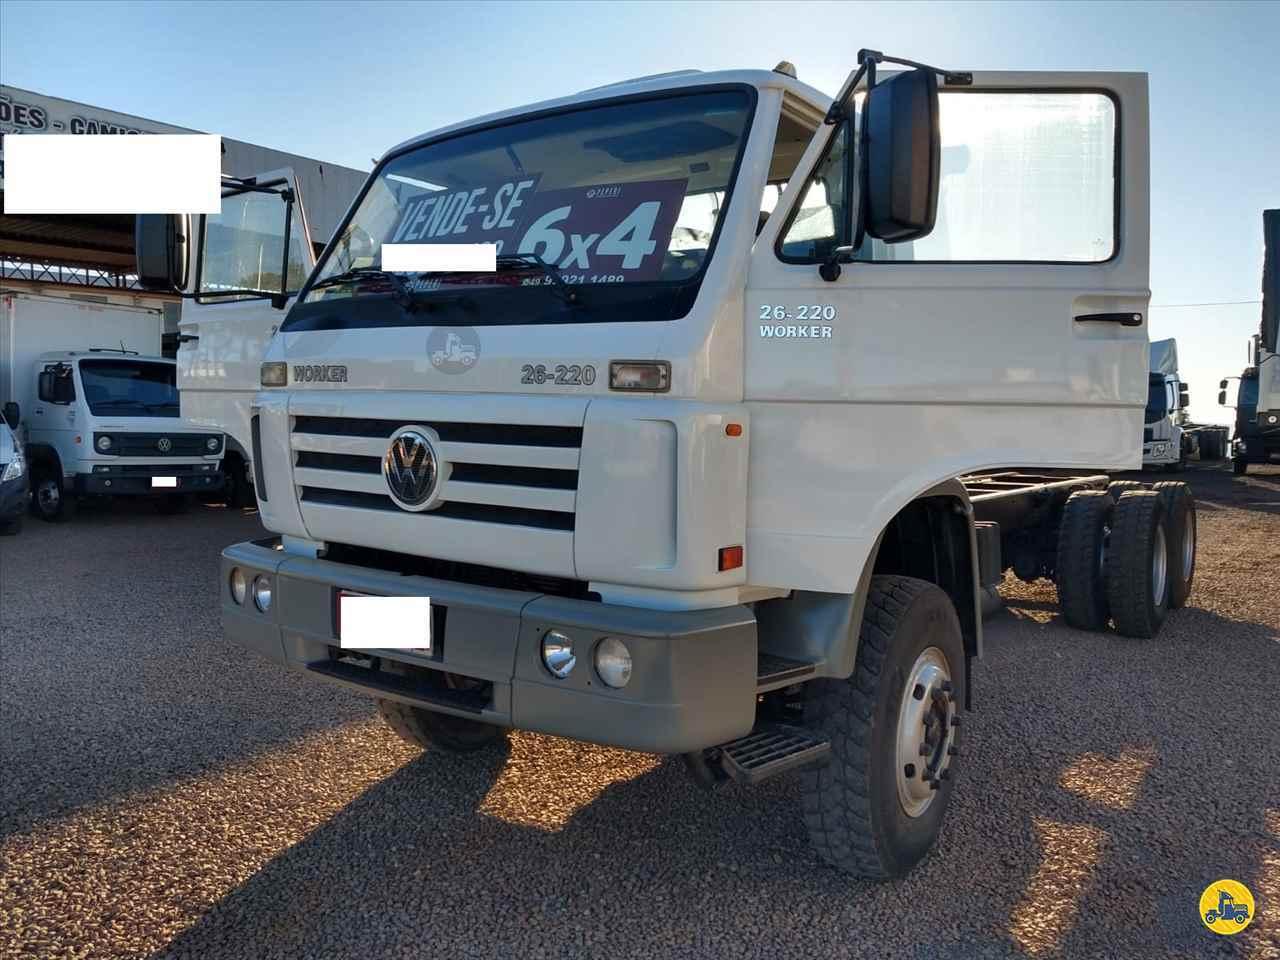 CAMINHAO VOLKSWAGEN VW 26220 Cavalo Mecânico Truck 6x2 Transmap Caminhões SANTA ROSA RIO GRANDE DO SUL RS